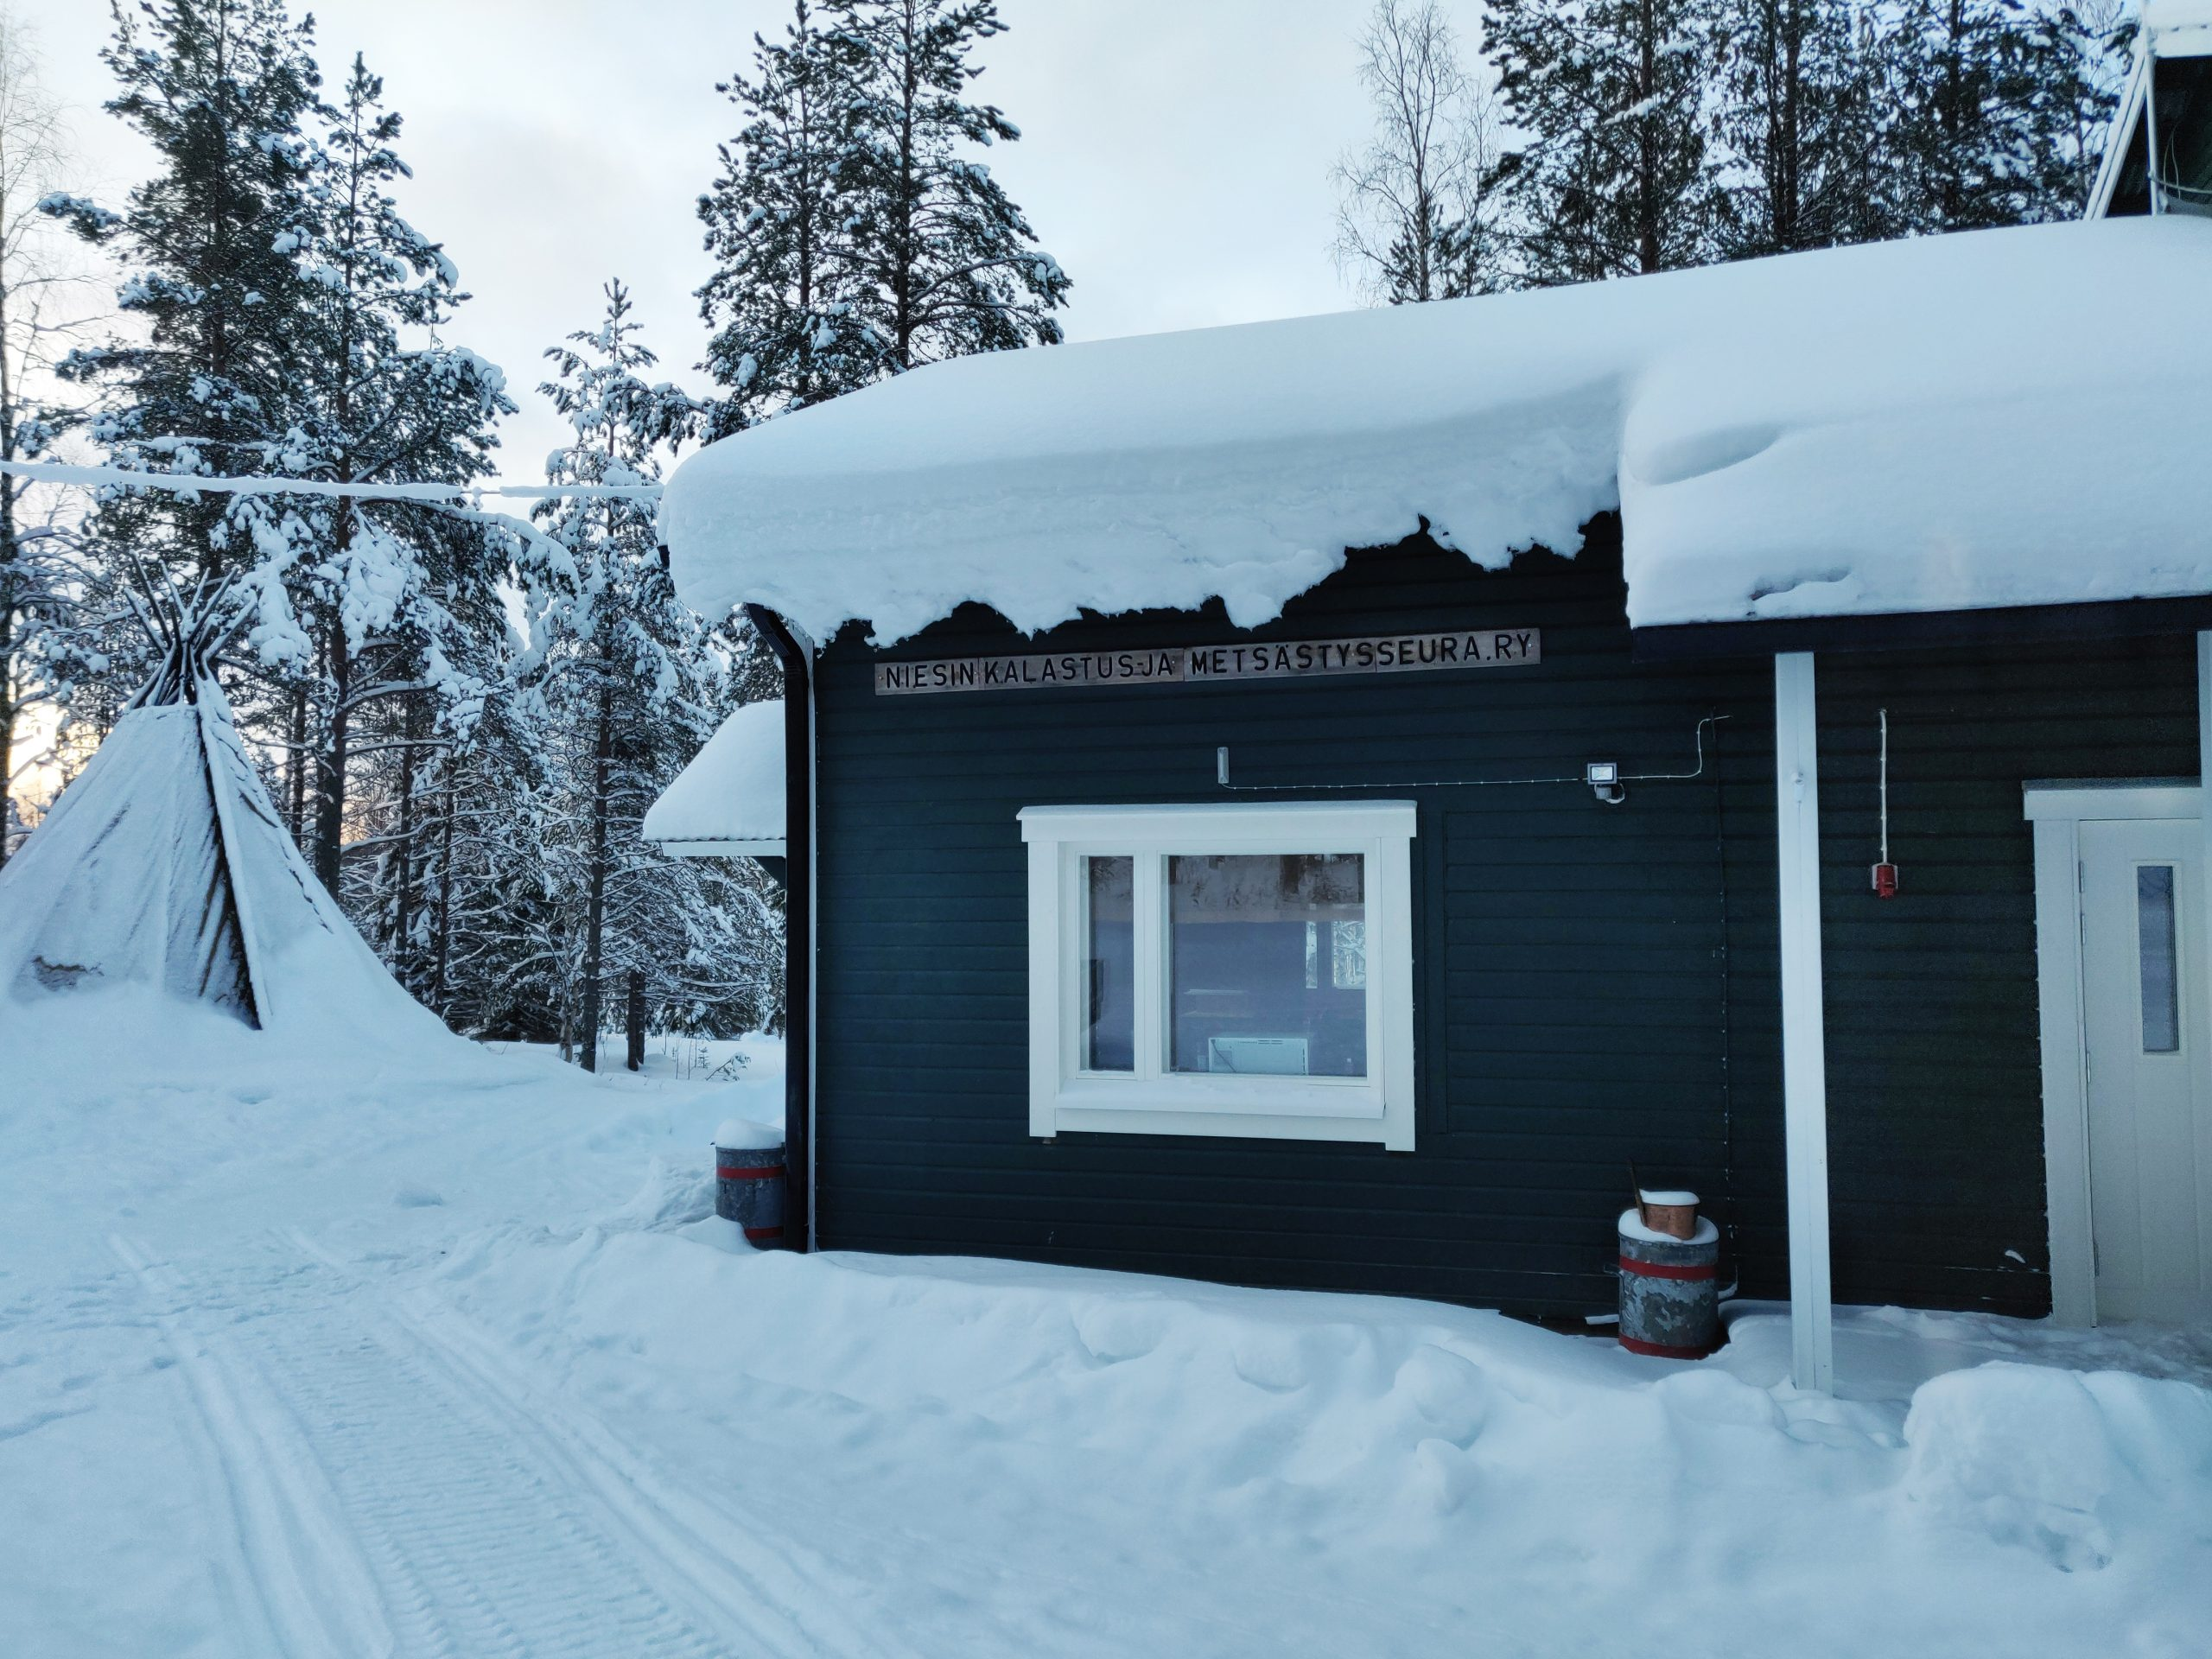 Niesin kylätalo ulkoa, talvella.